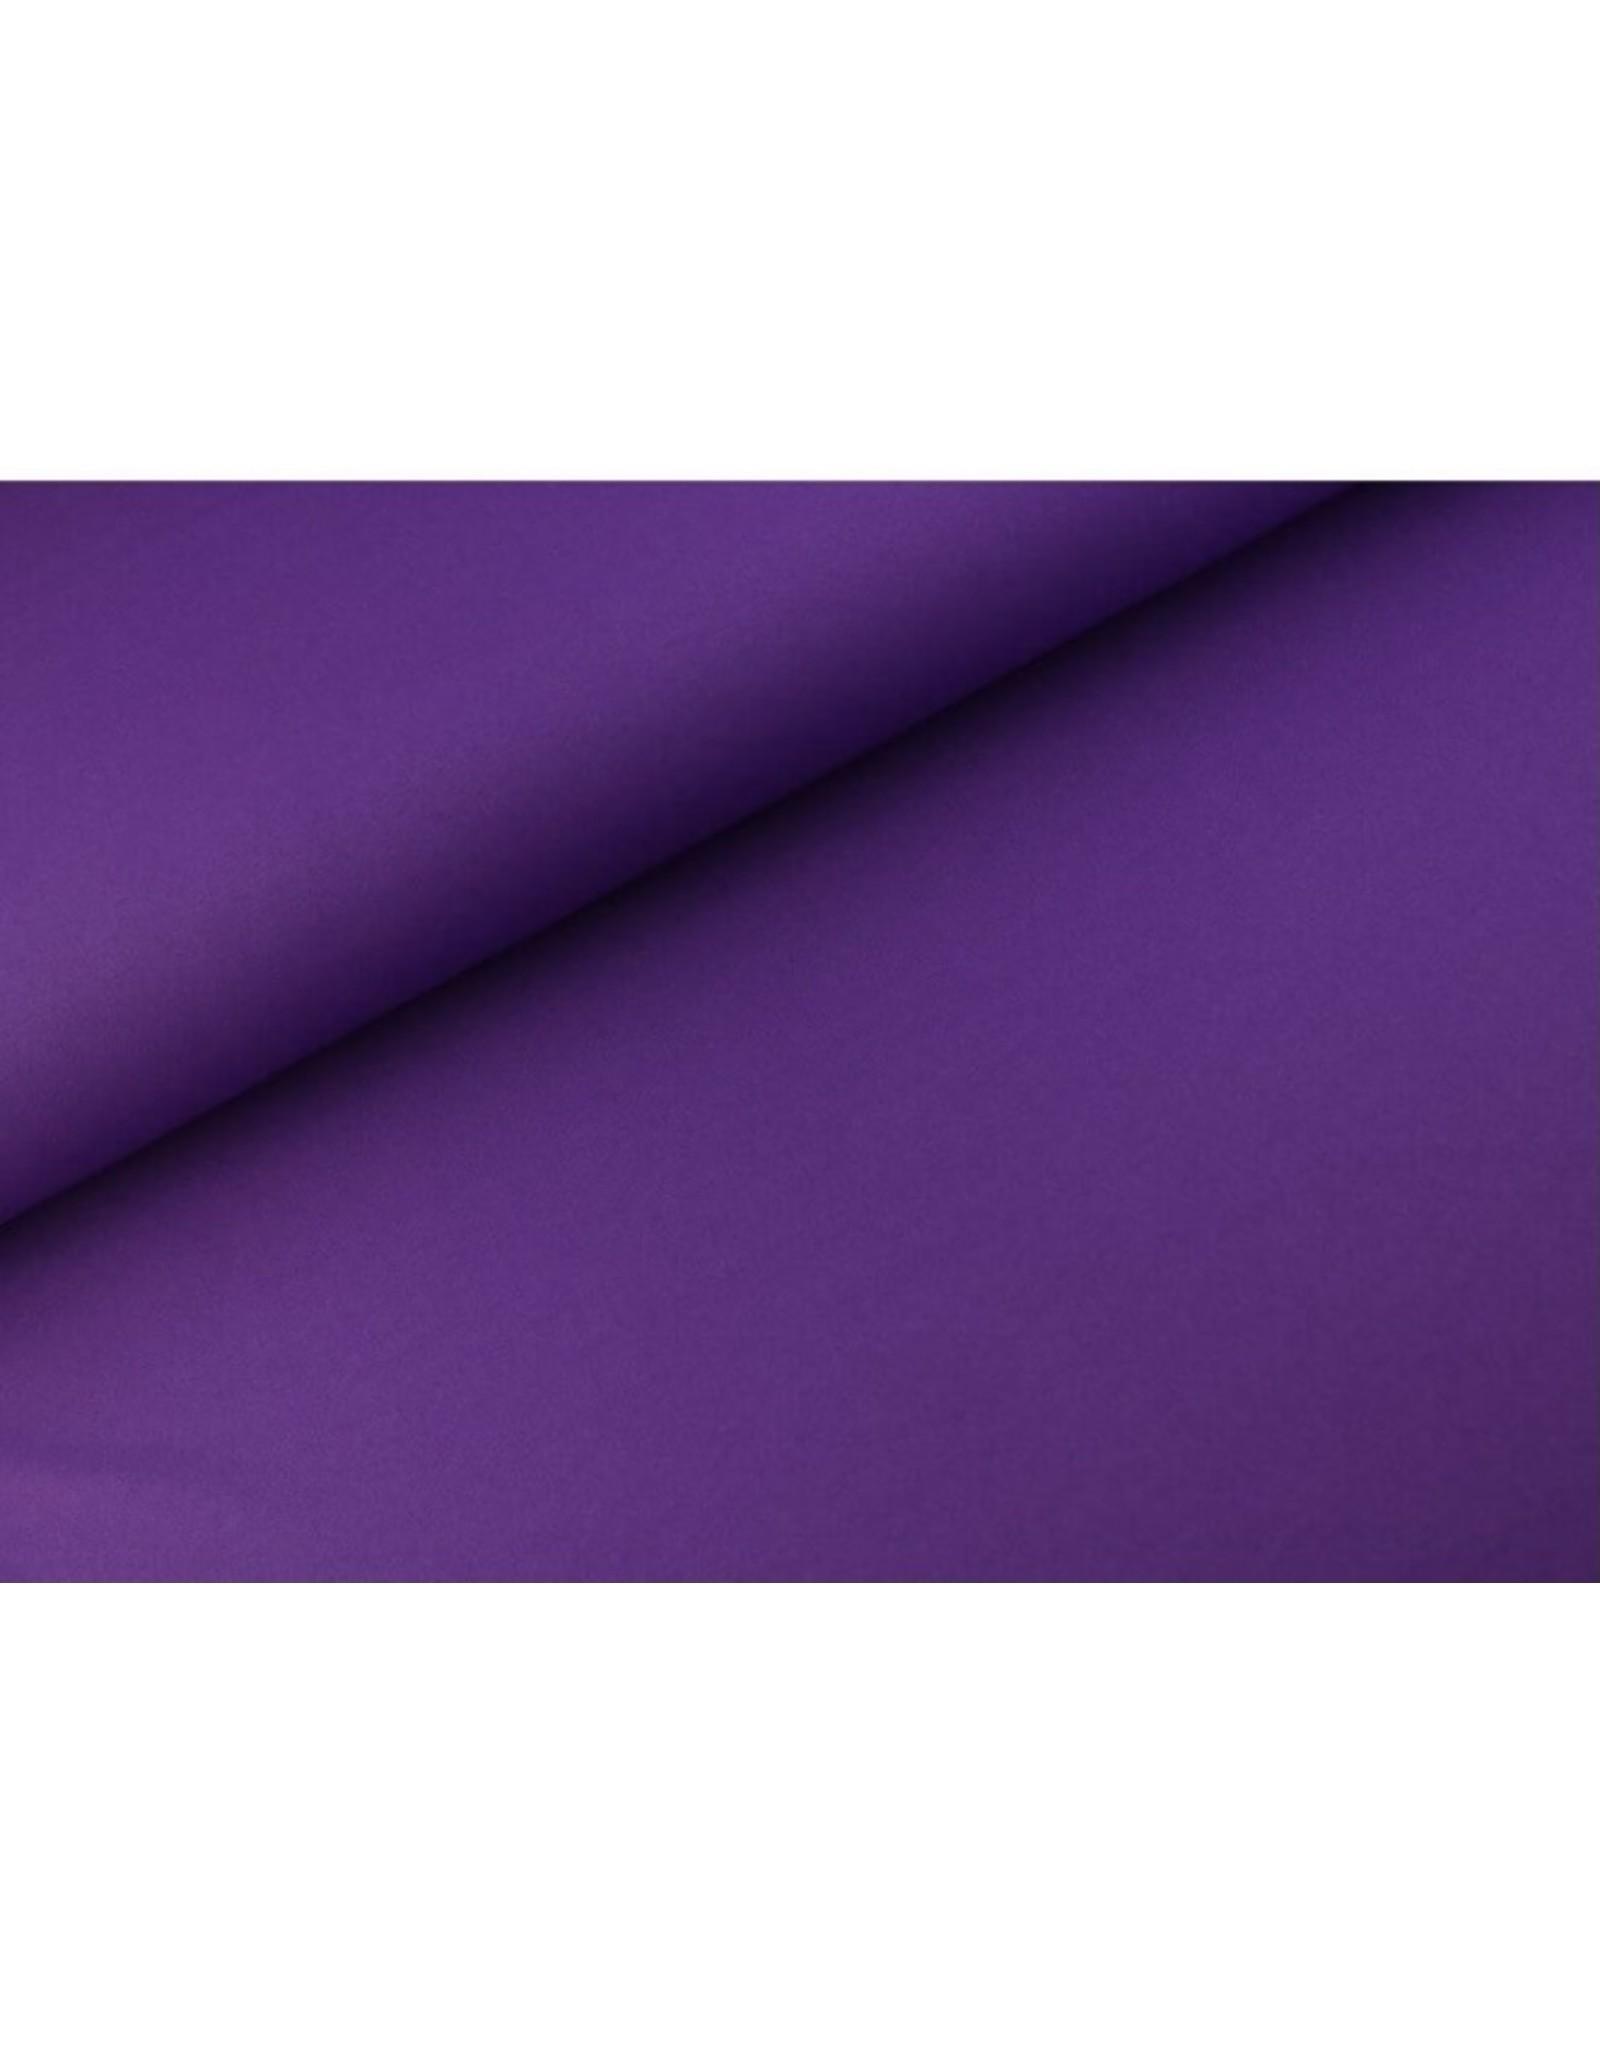 Bi-Stretch Purple